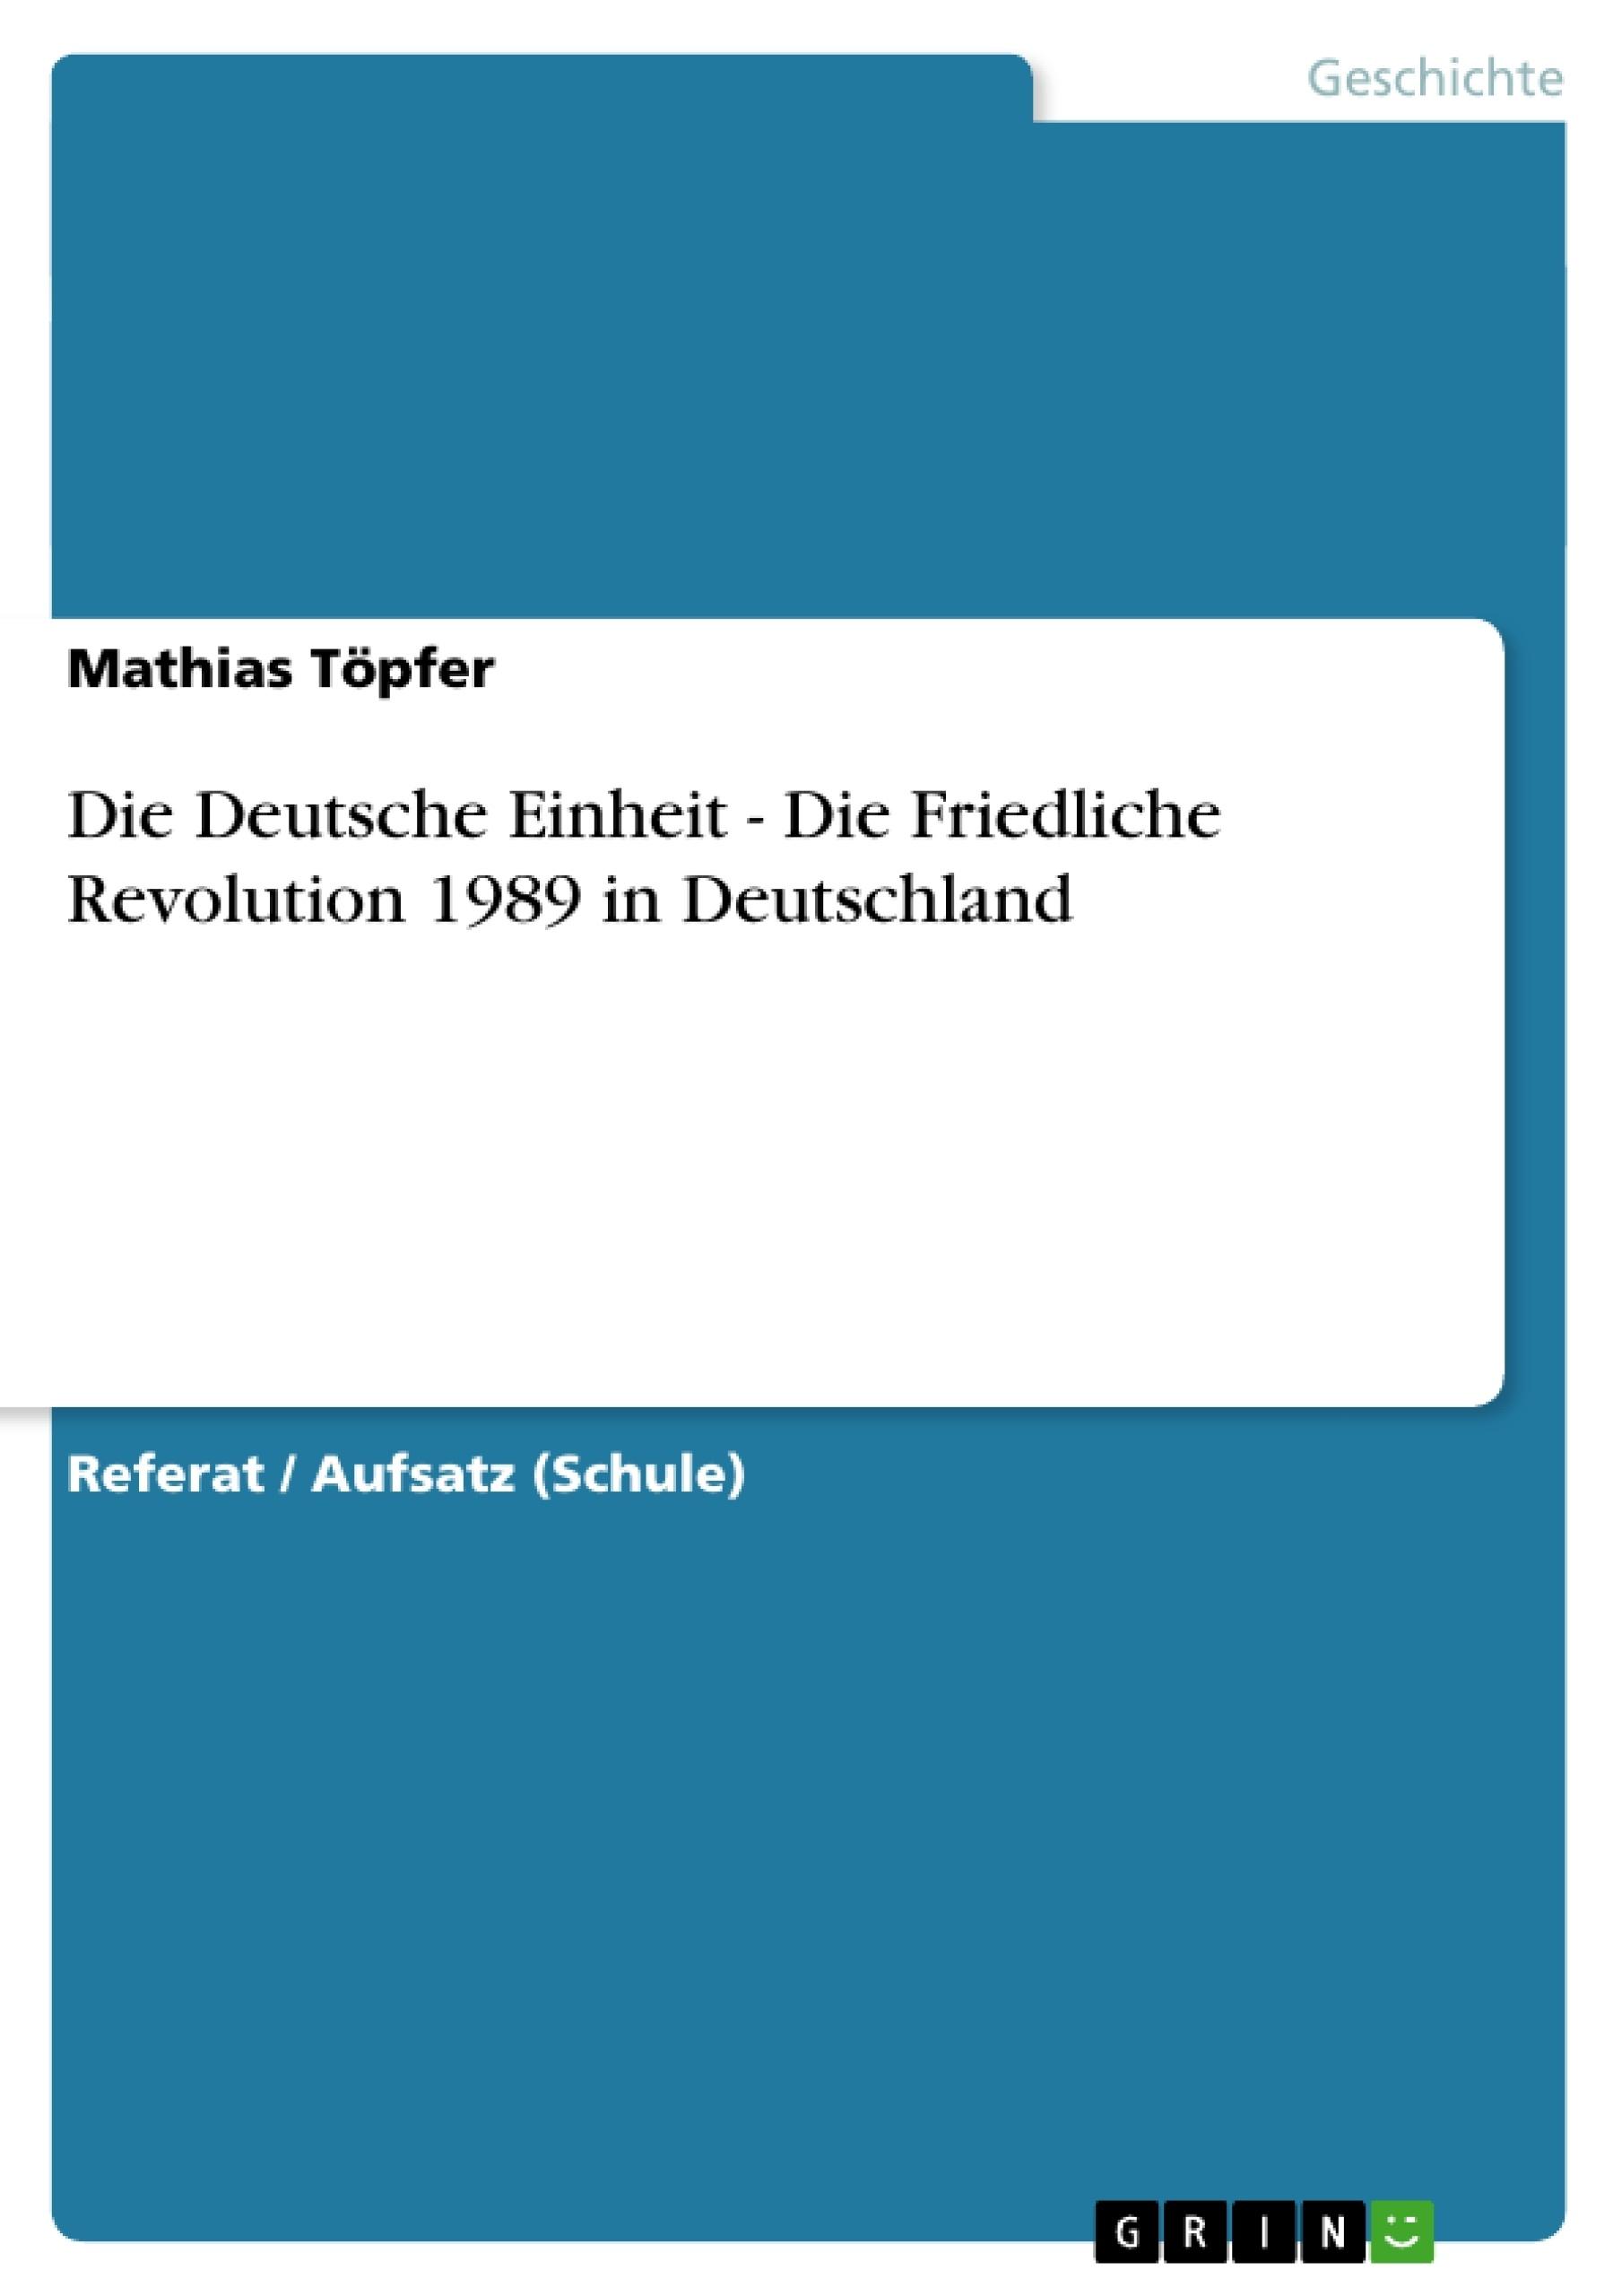 Titel: Die Deutsche Einheit - Die Friedliche Revolution 1989 in Deutschland